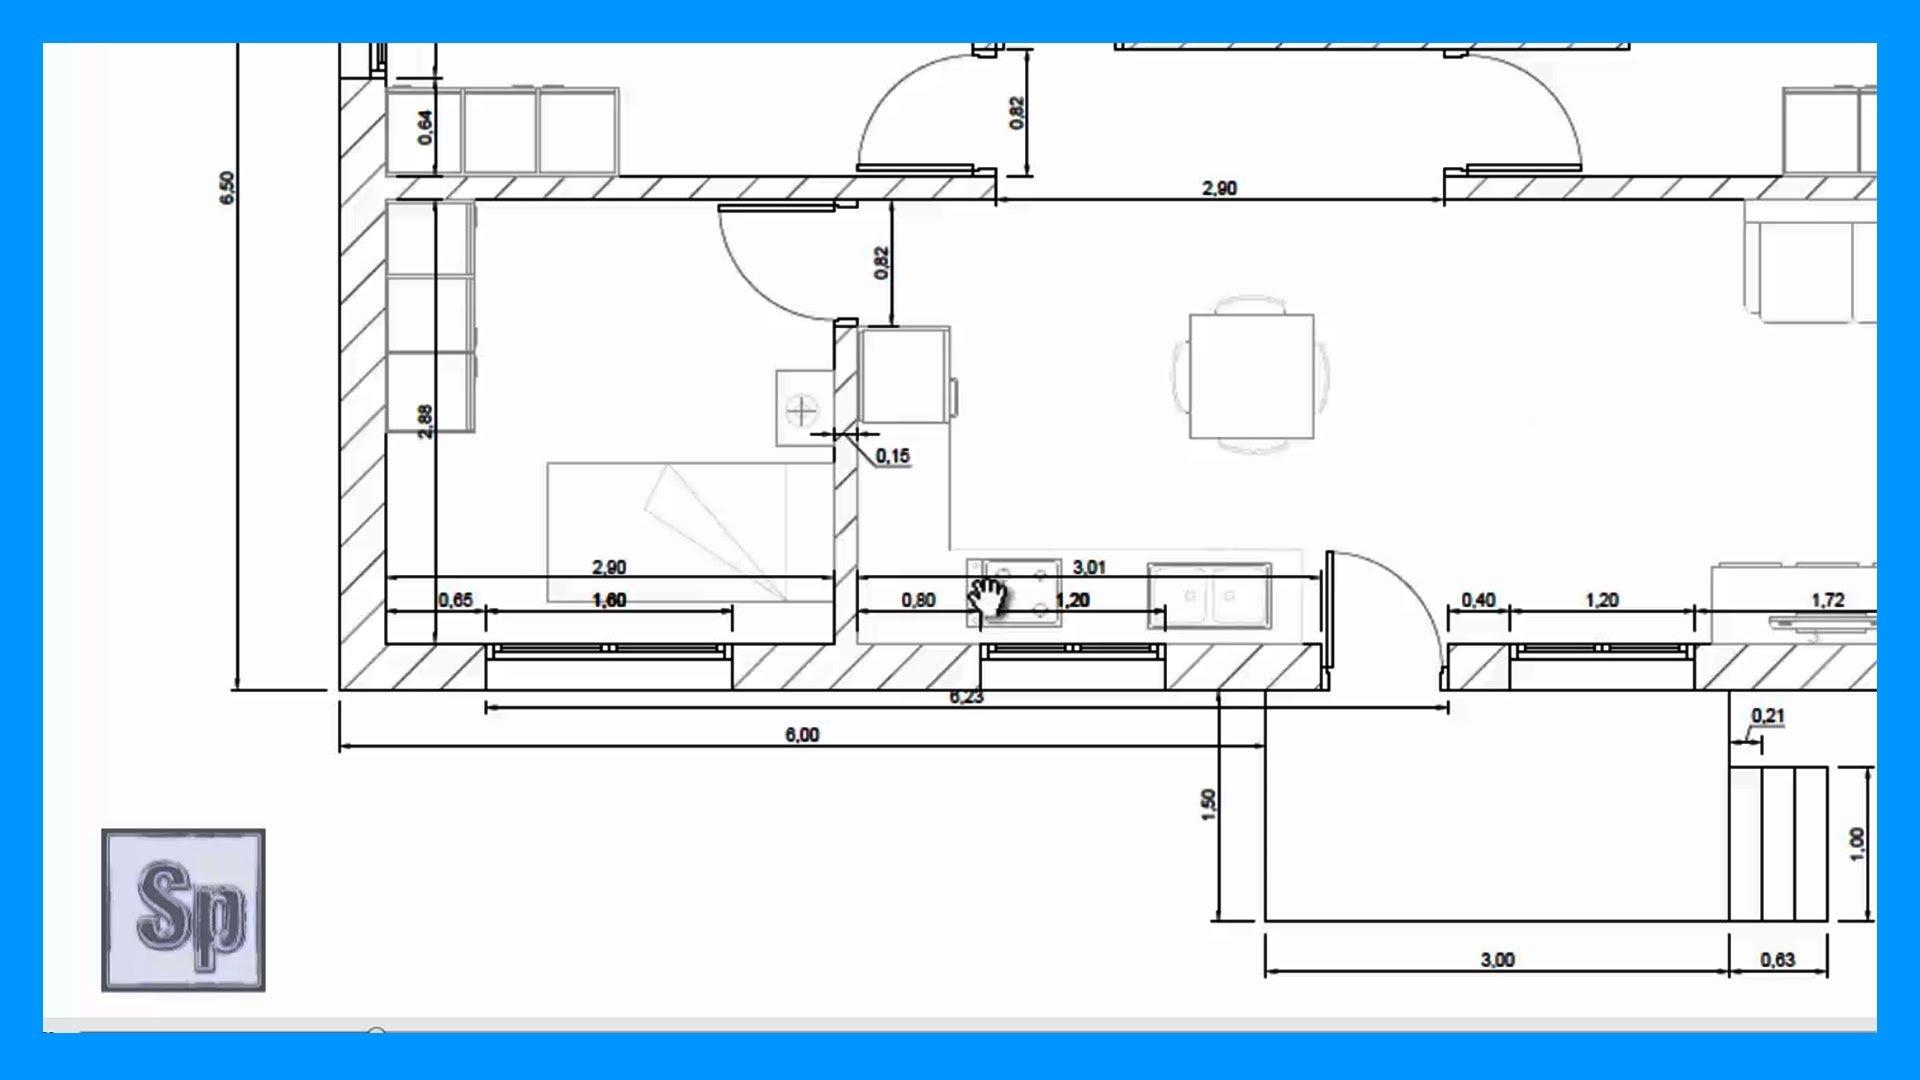 Autocad 1 2 Dibujar Plano De Una Casa De Una Planta En